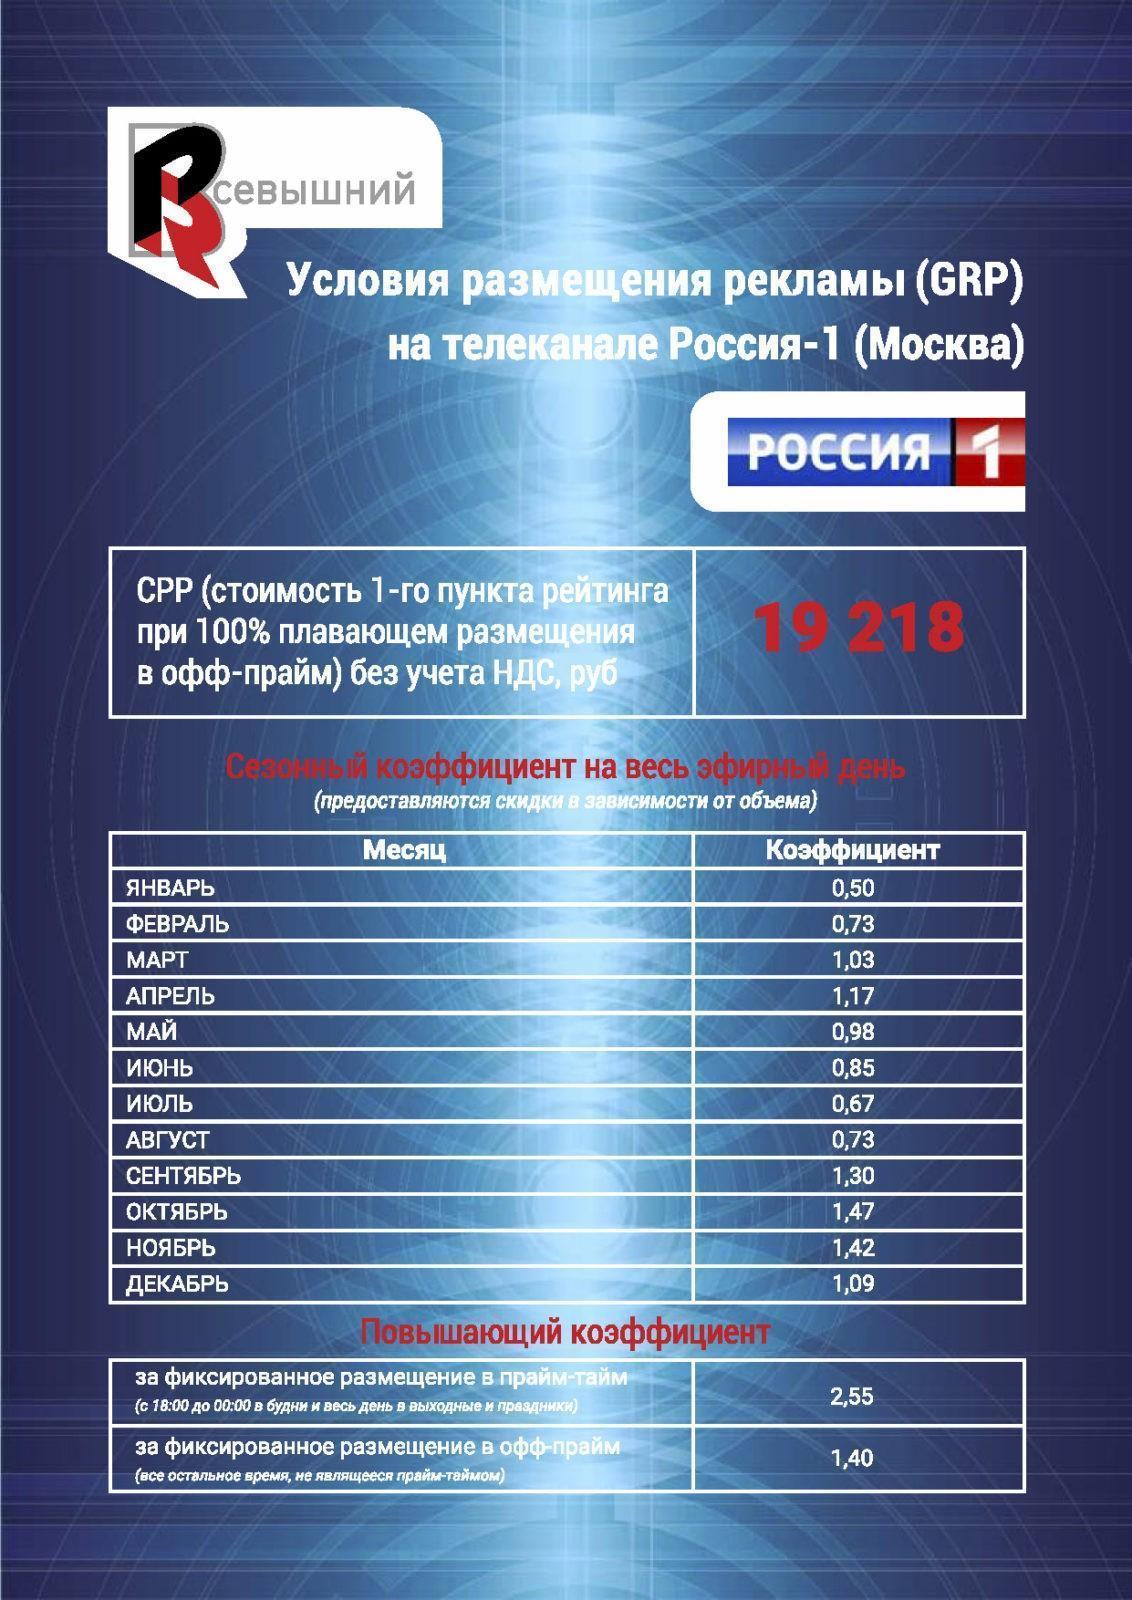 Реклама на канале Россия 1